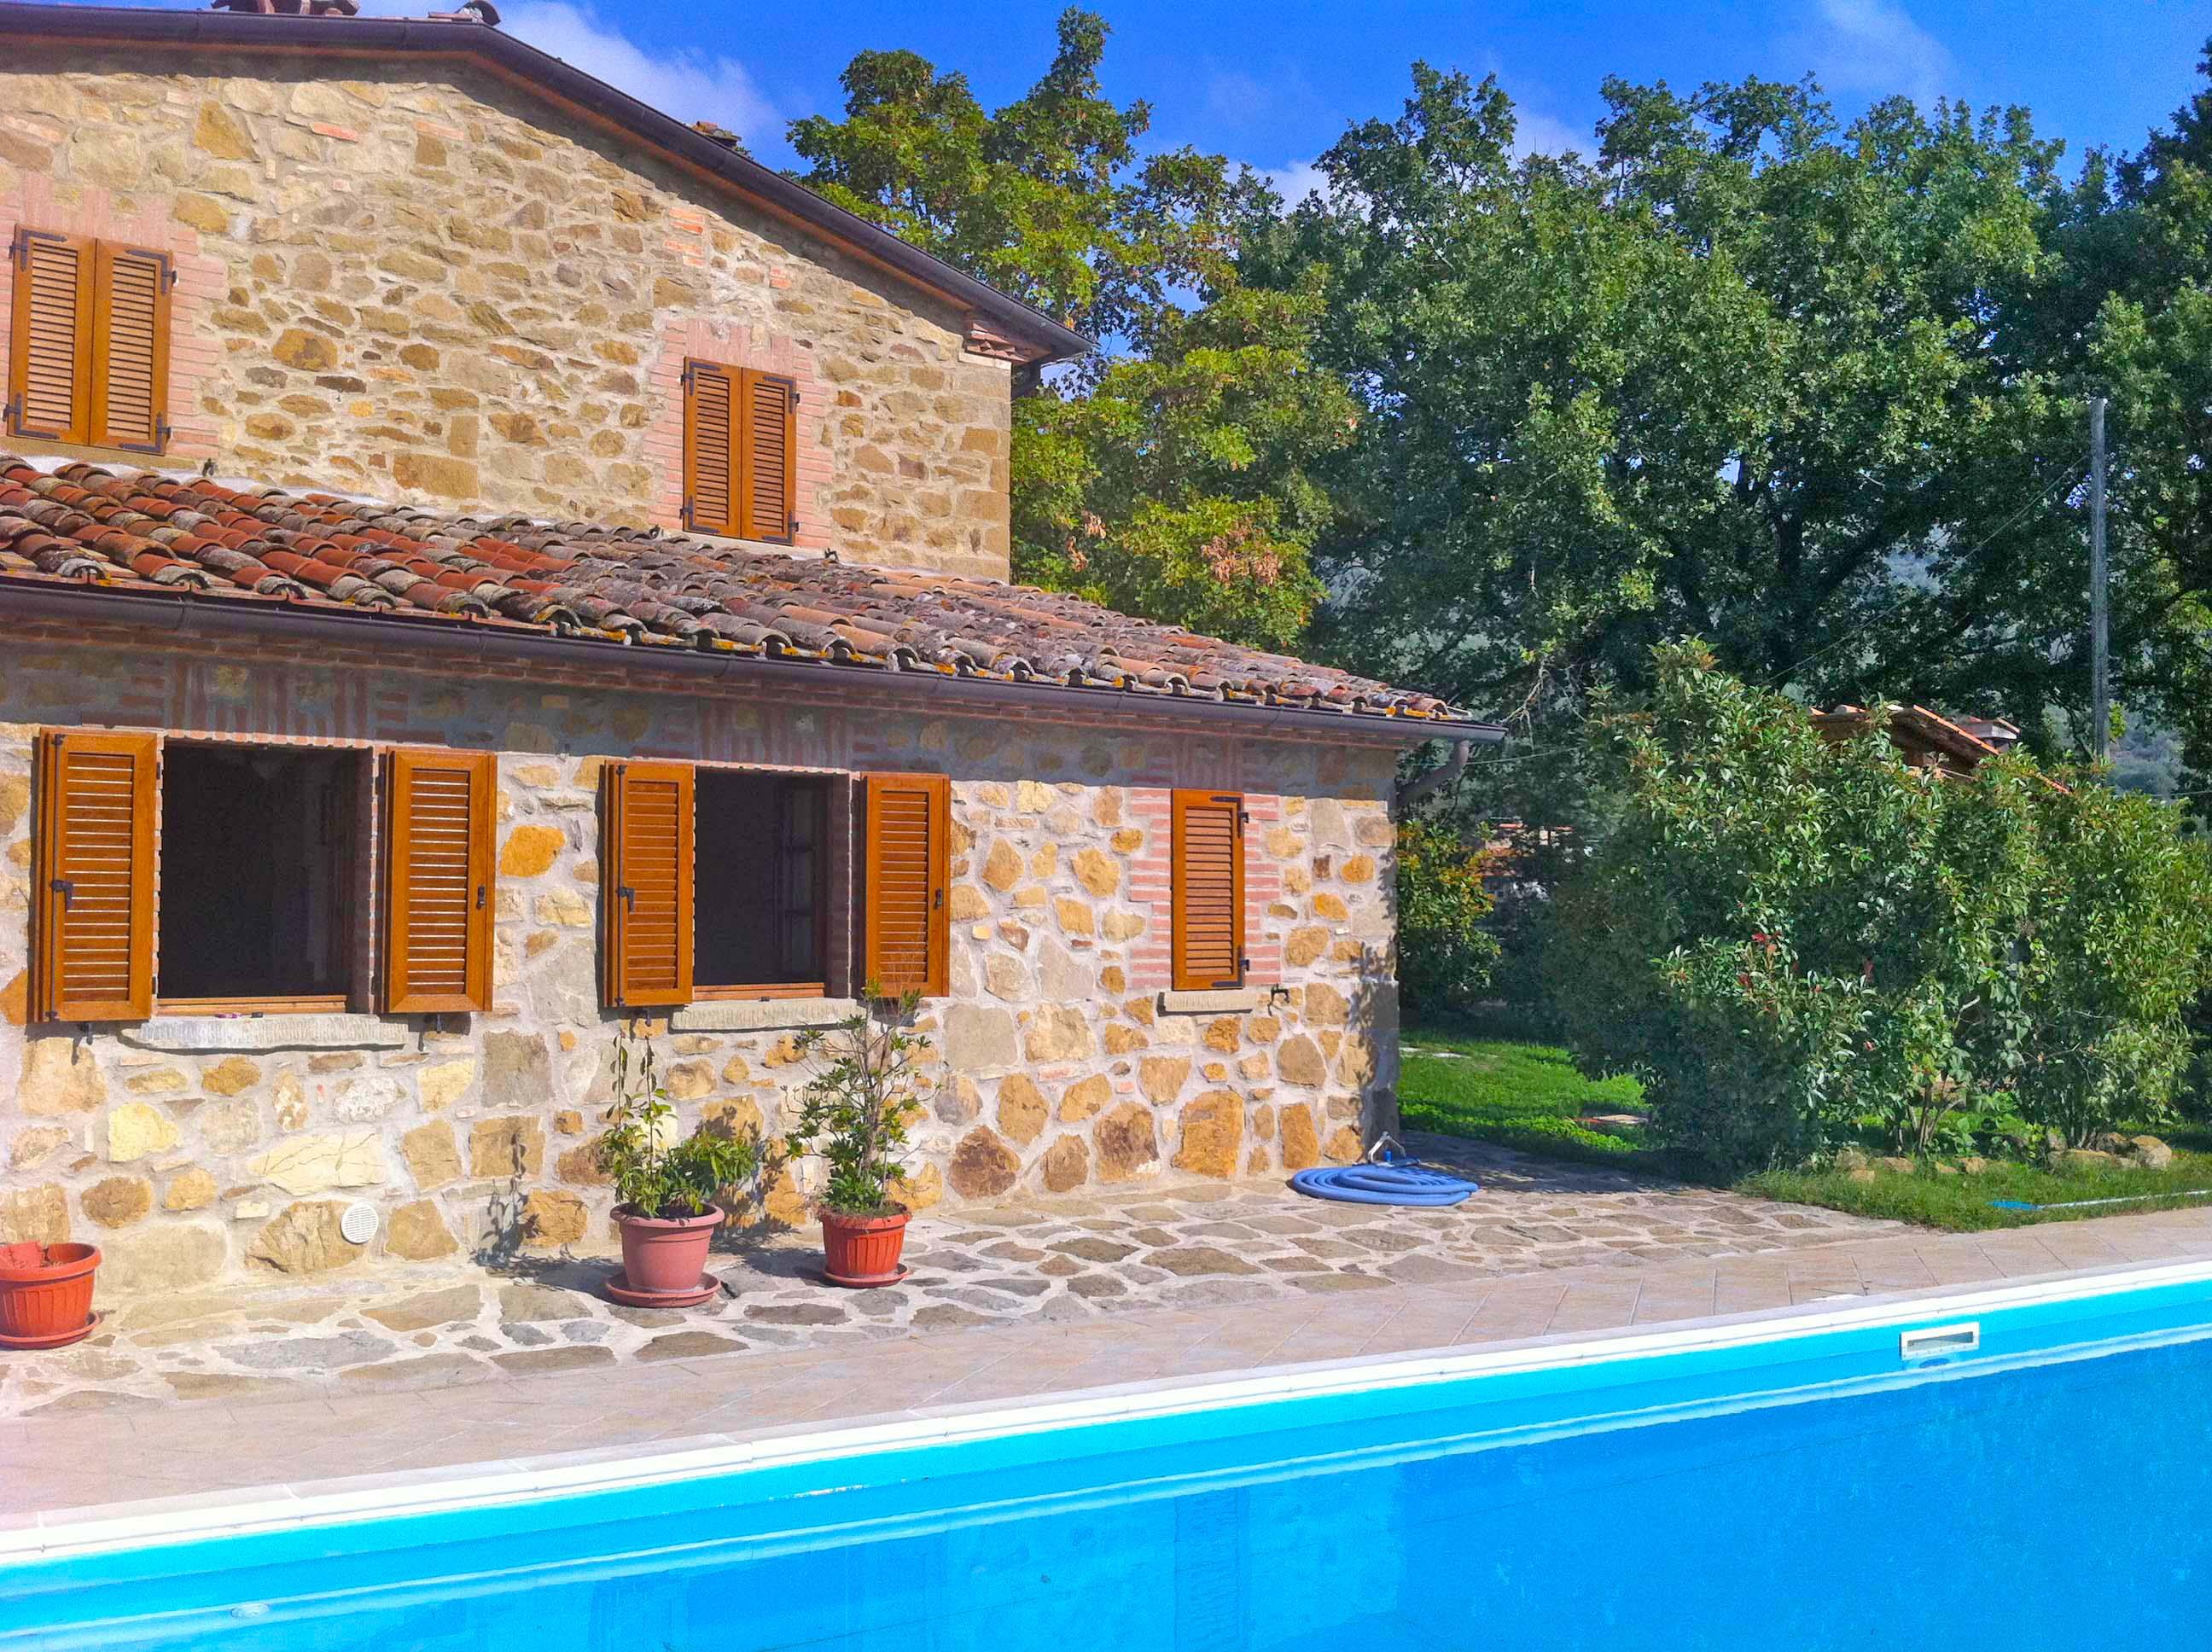 location vacances maison appartement villa et chalet a With location villa piscine france pas cher 14 location vacances maison appartement villa et chalet 224